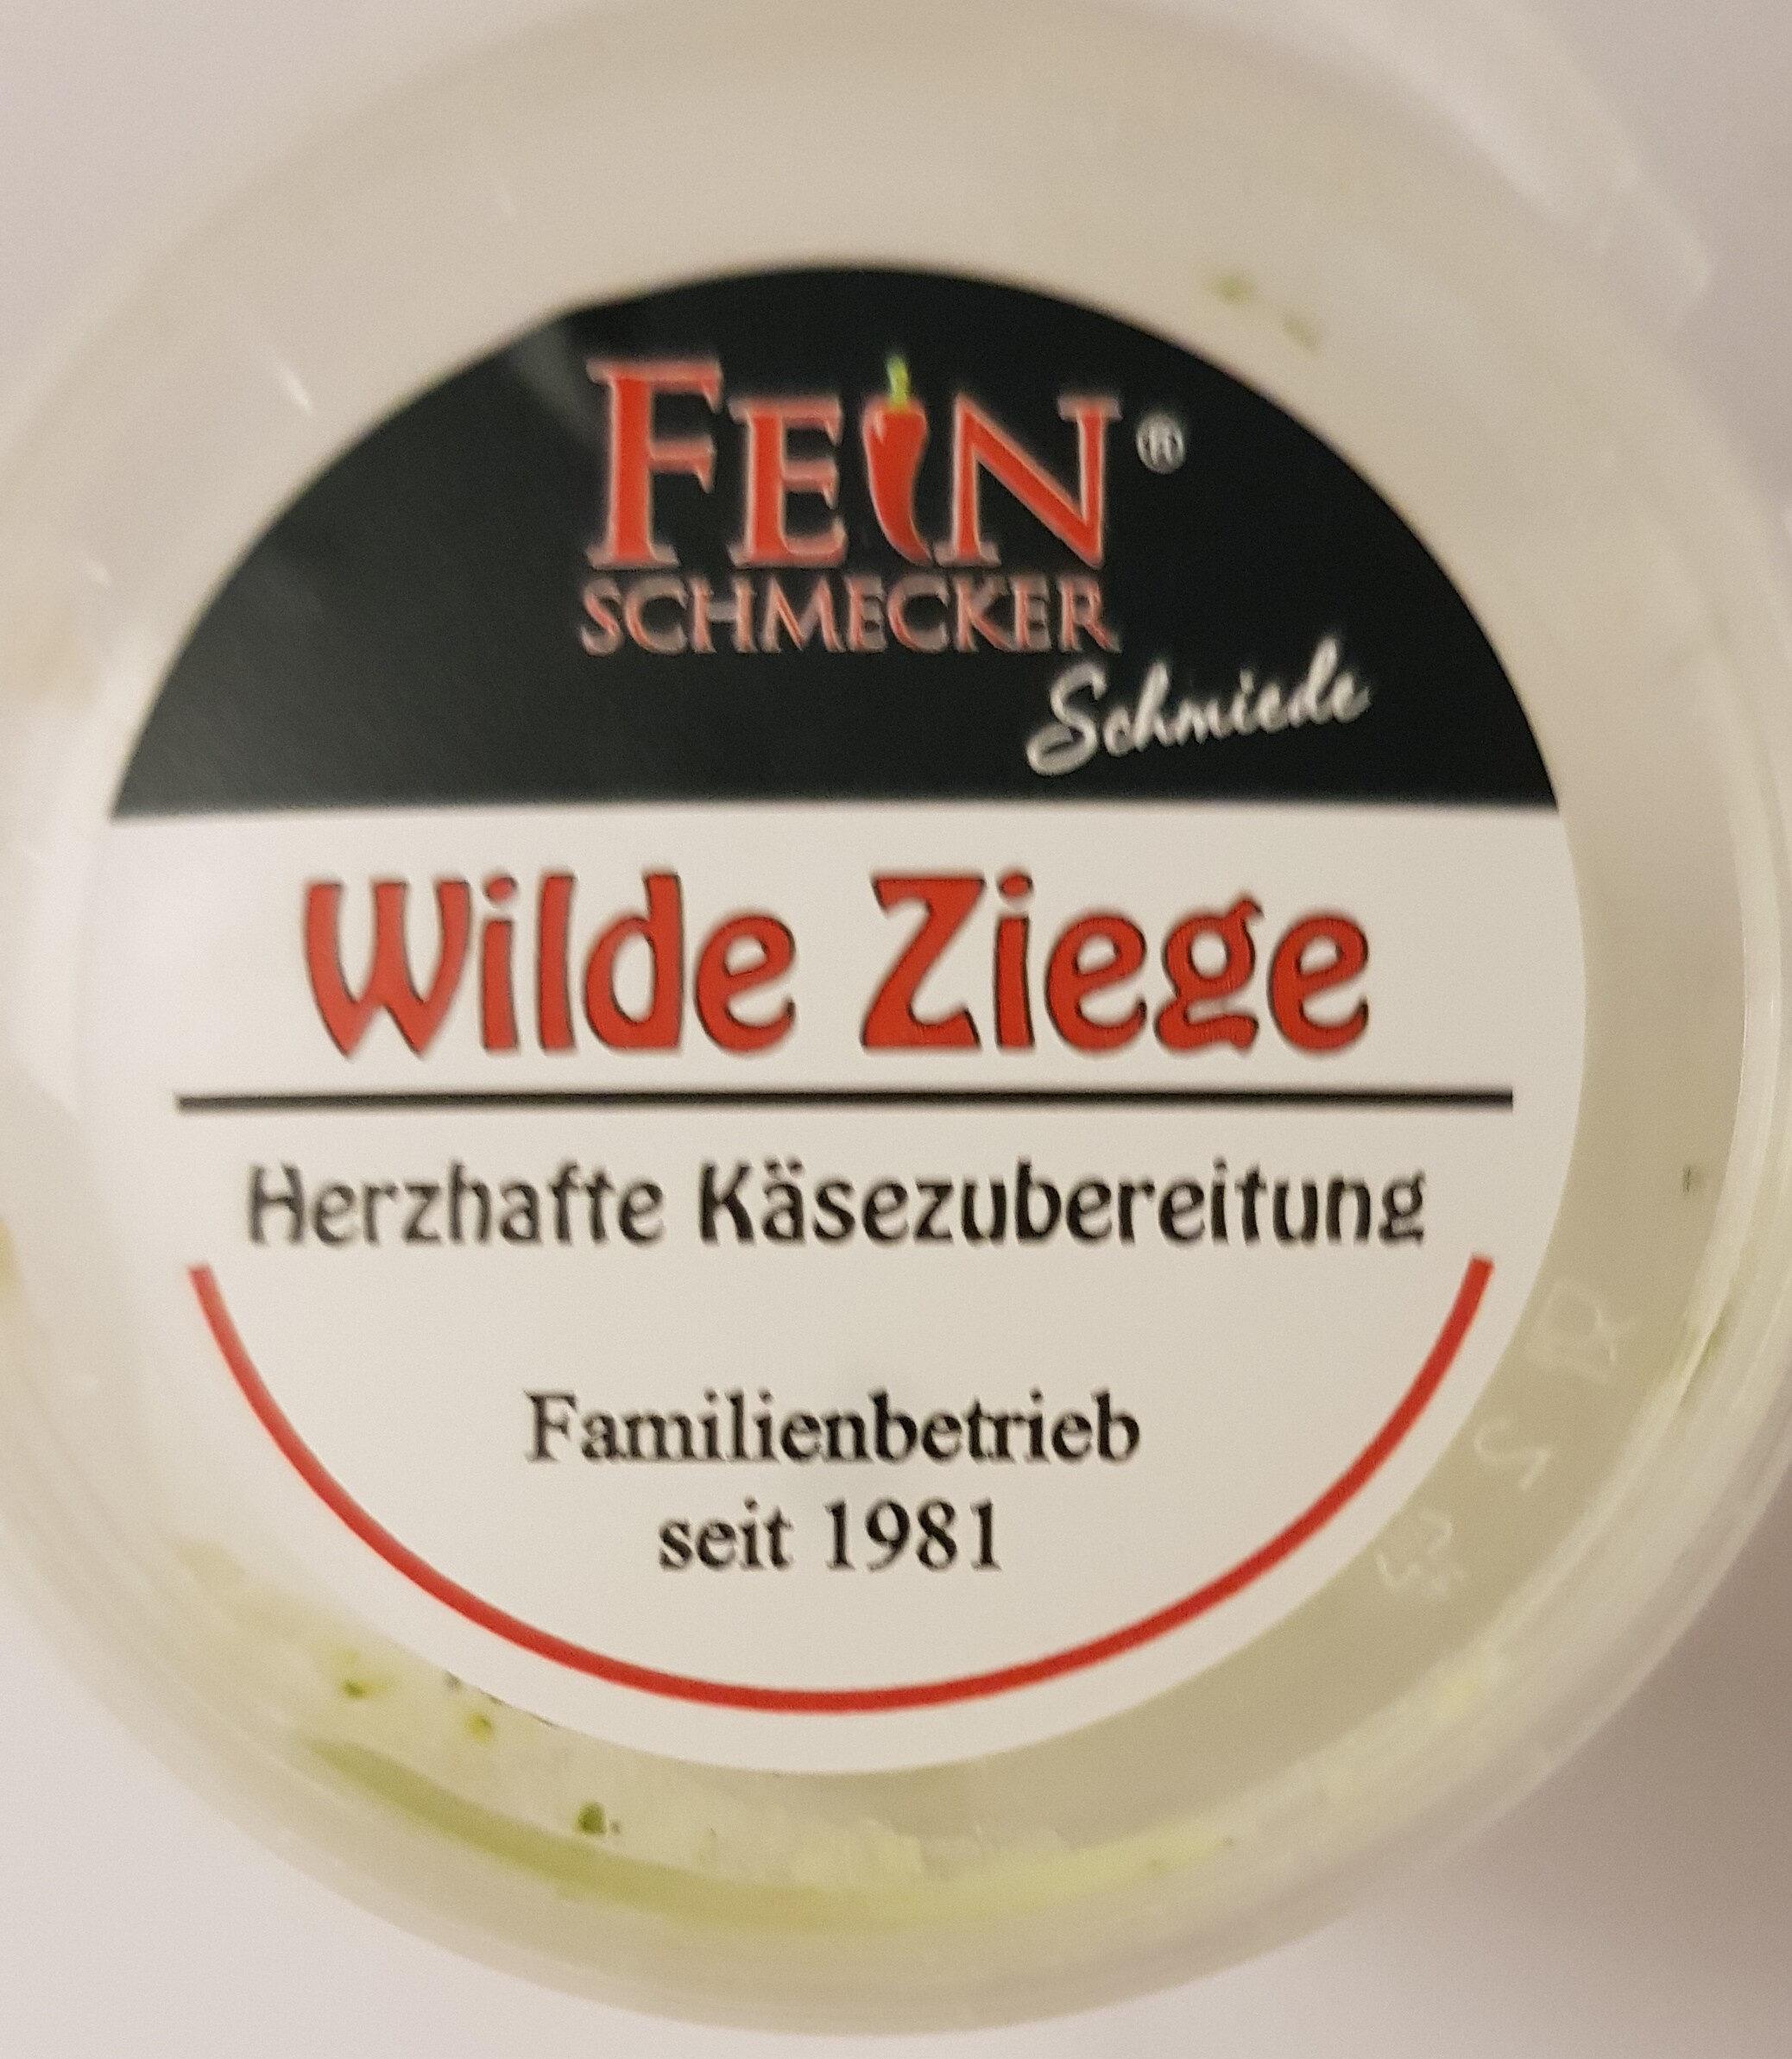 Wilde Ziege - Produkt - de